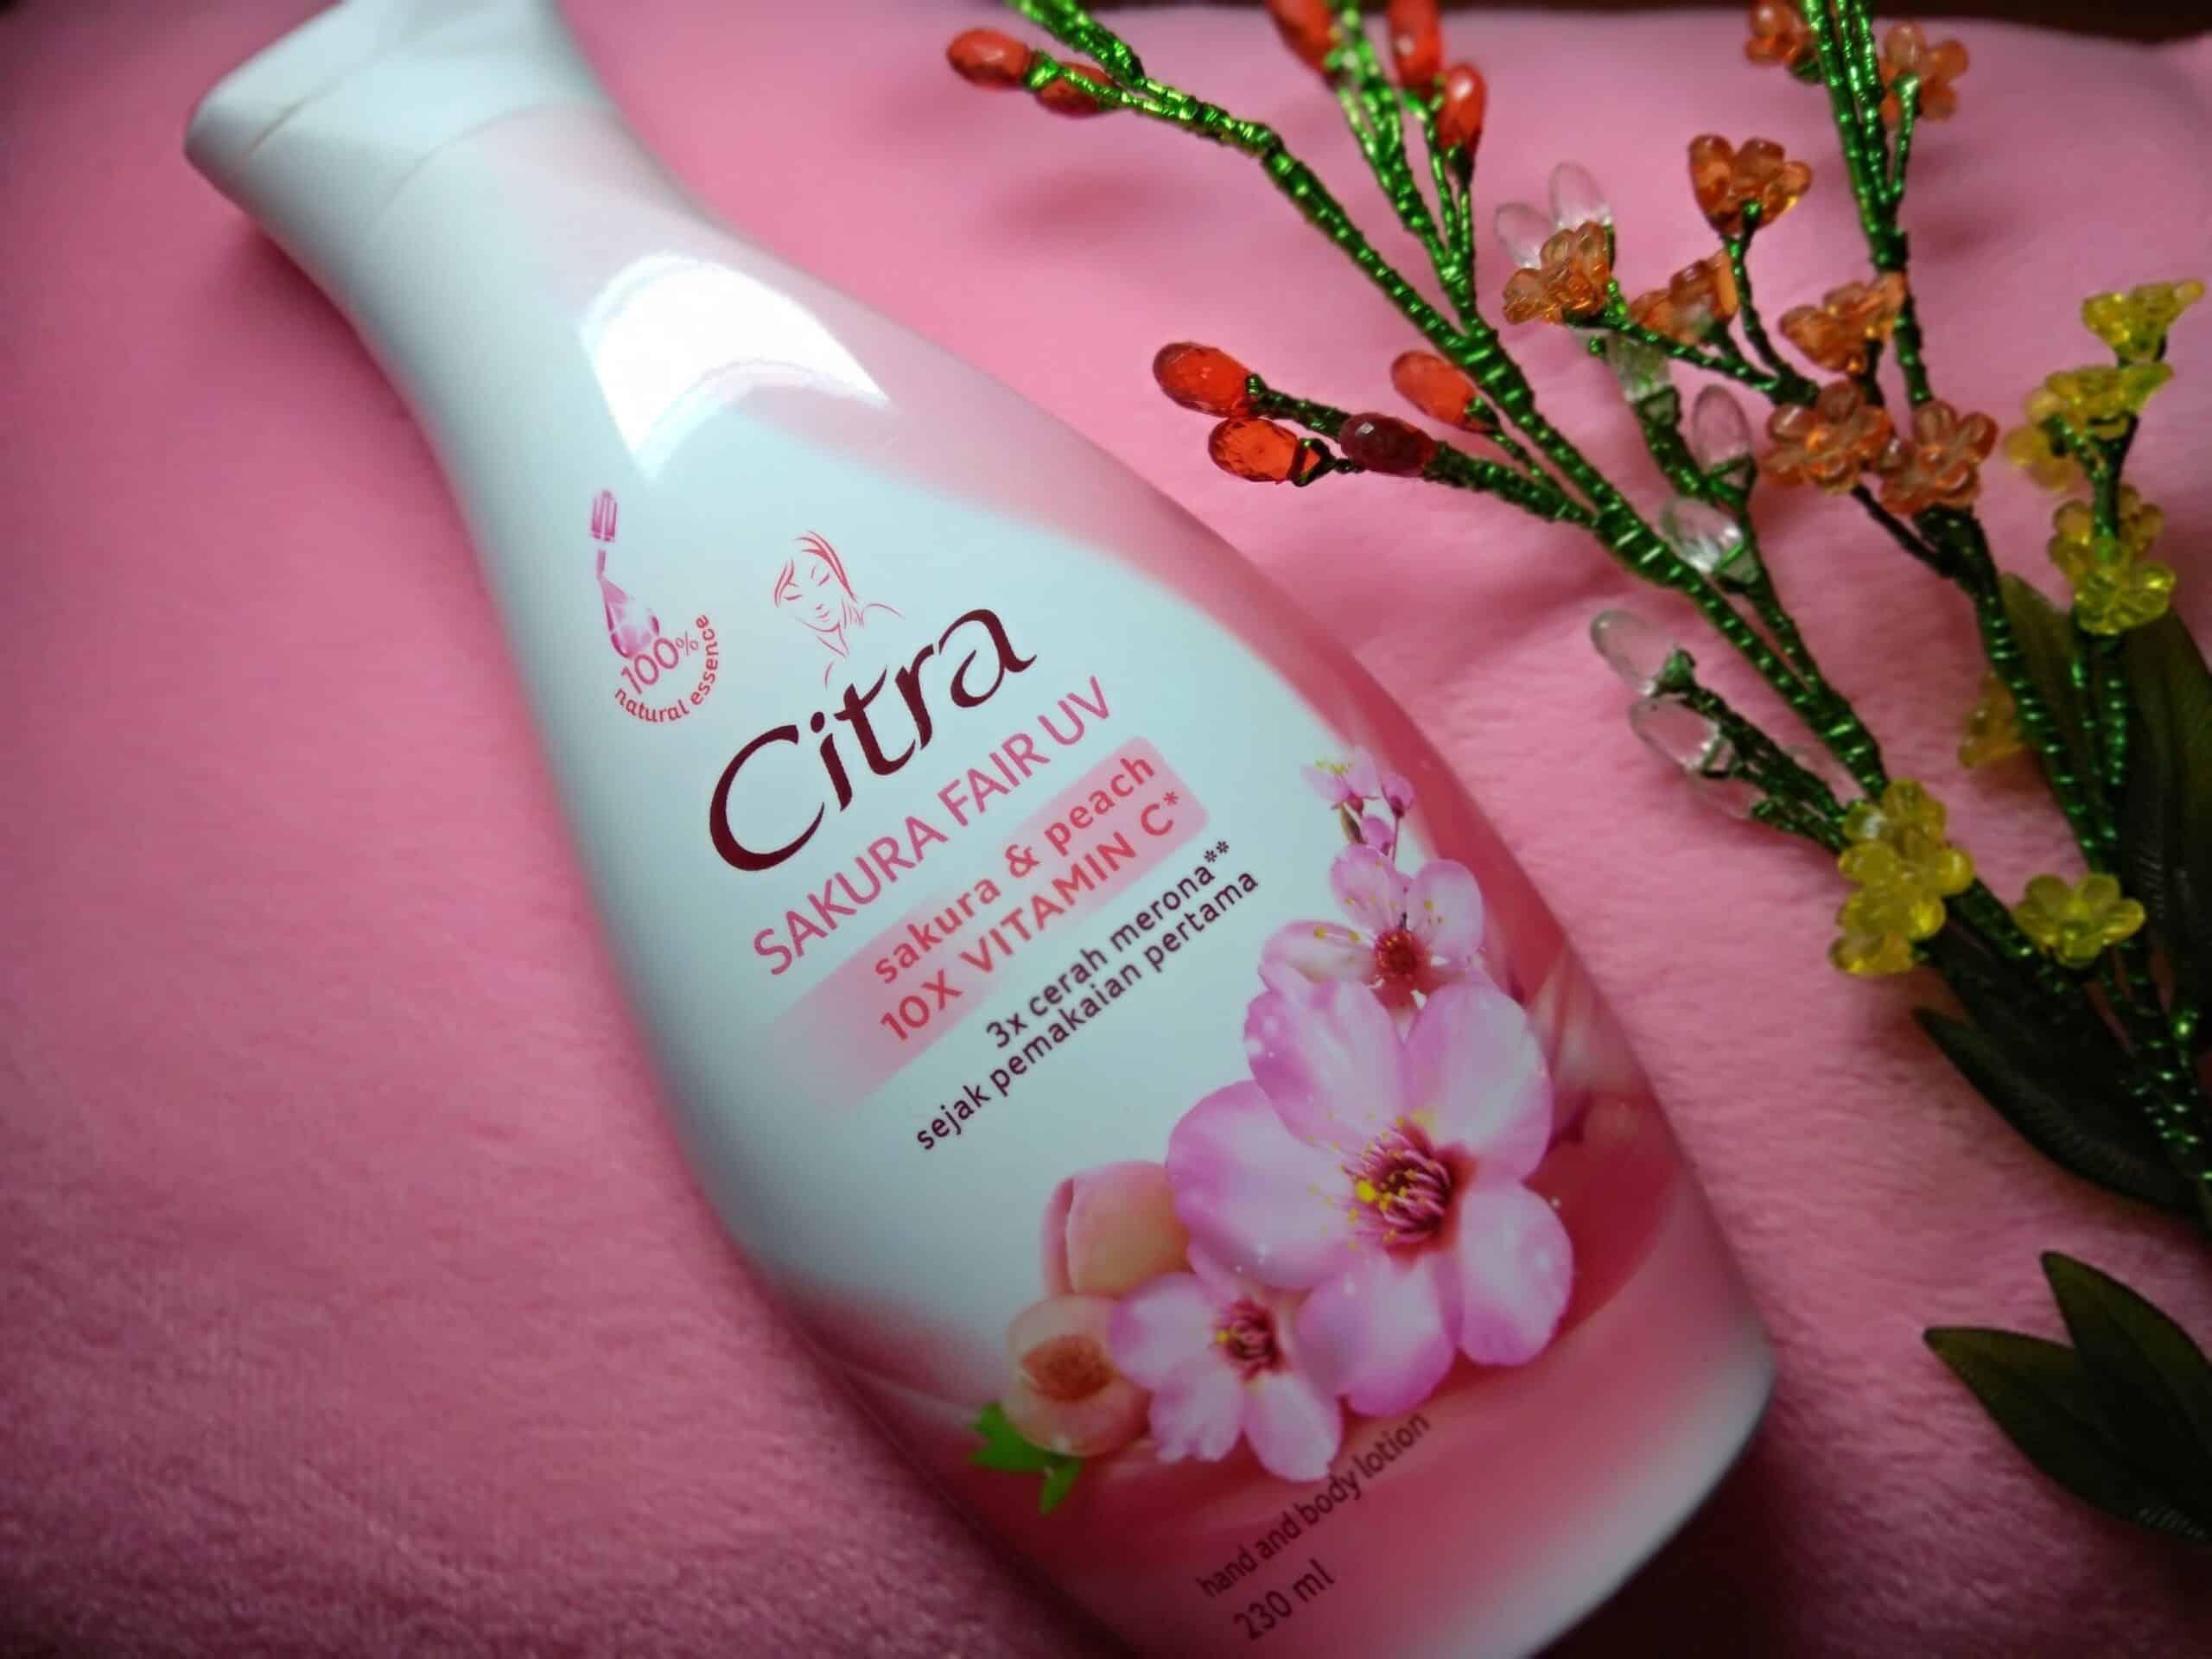 Citra-varian-sakura-fair-UV